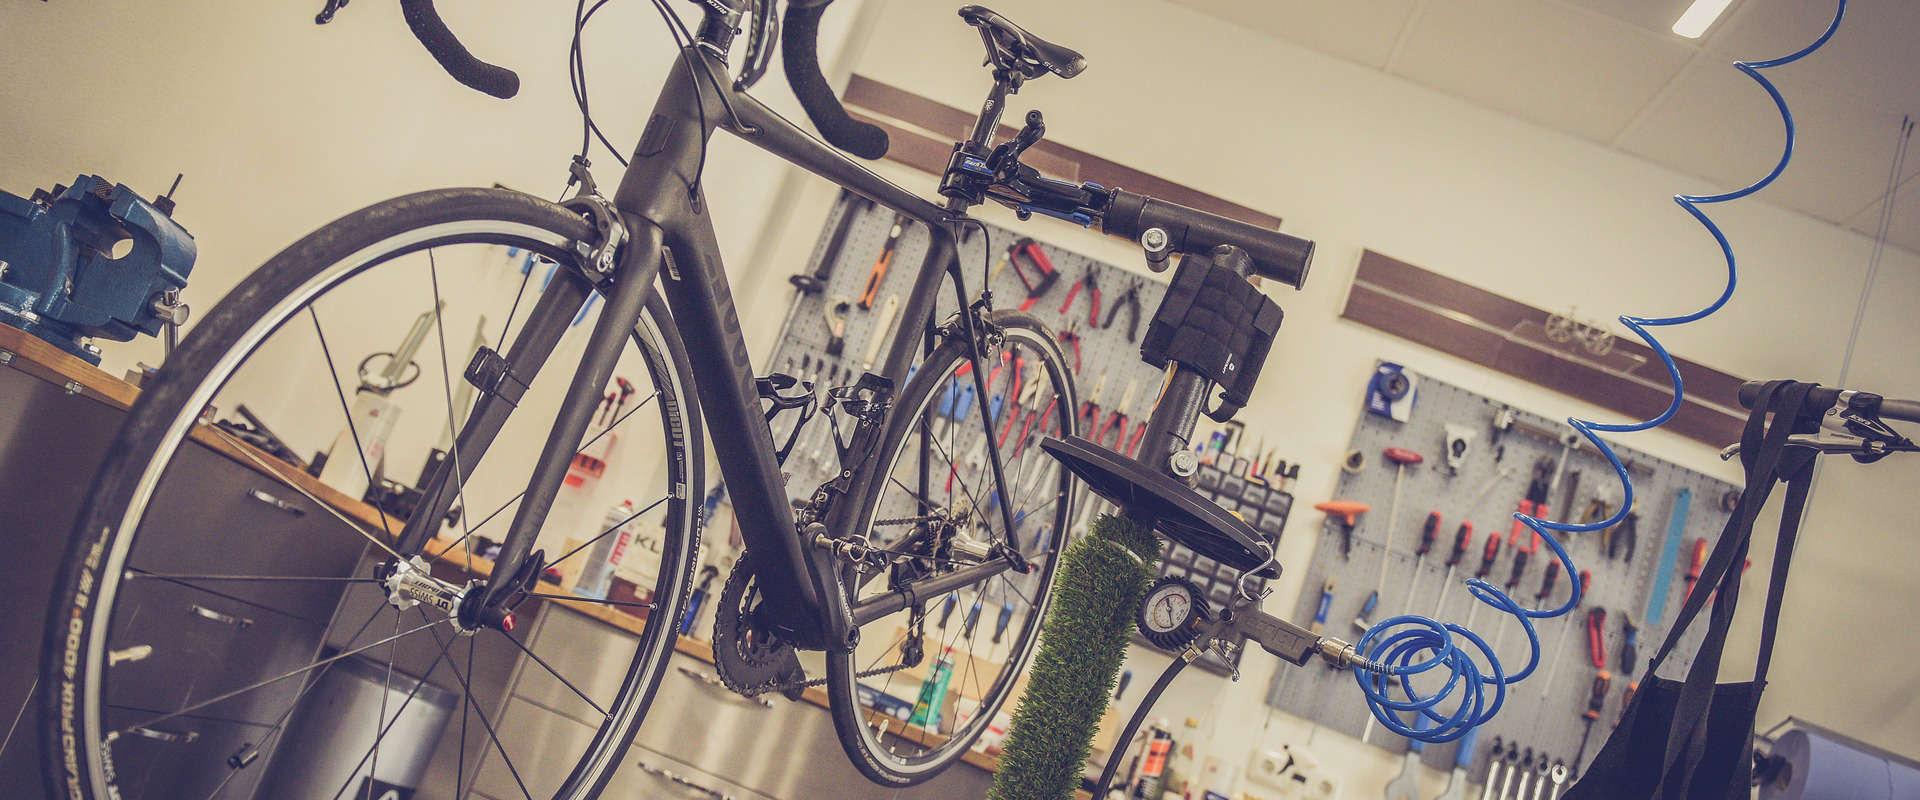 Vélo, achat et réparation de vélo au Québec